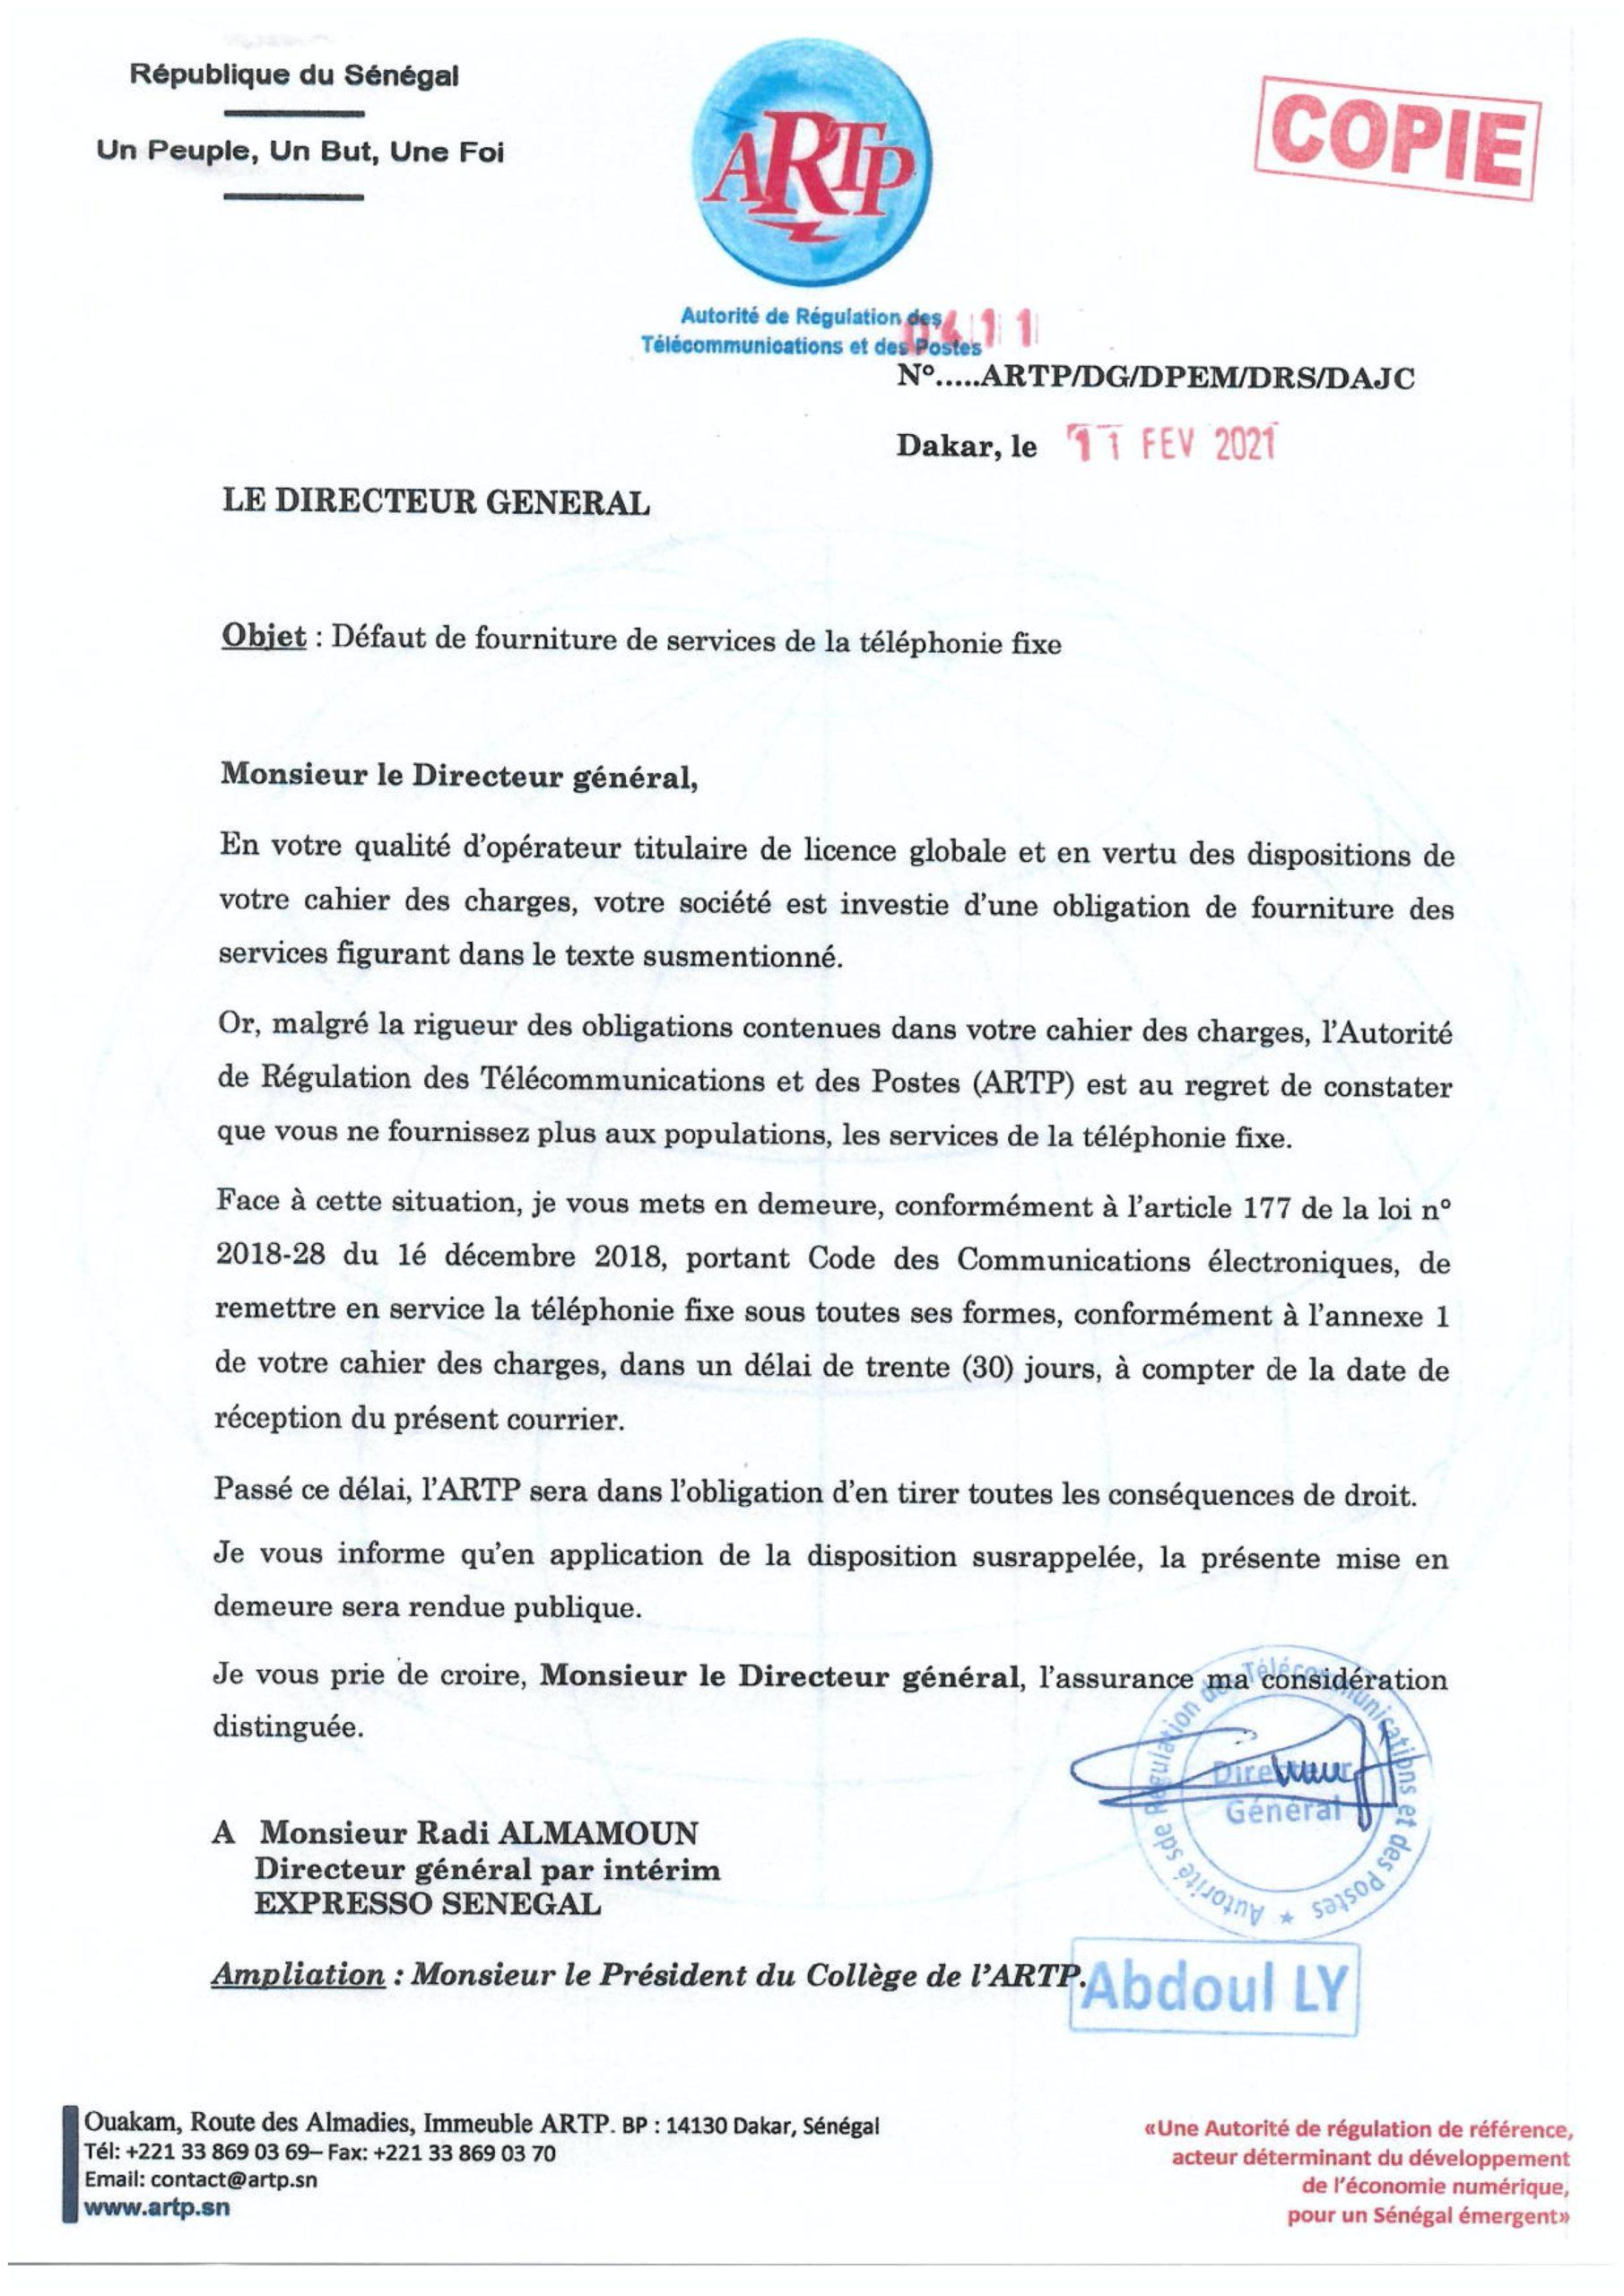 La mise en demeure de l'Artp adressée à Expresso Sénégal